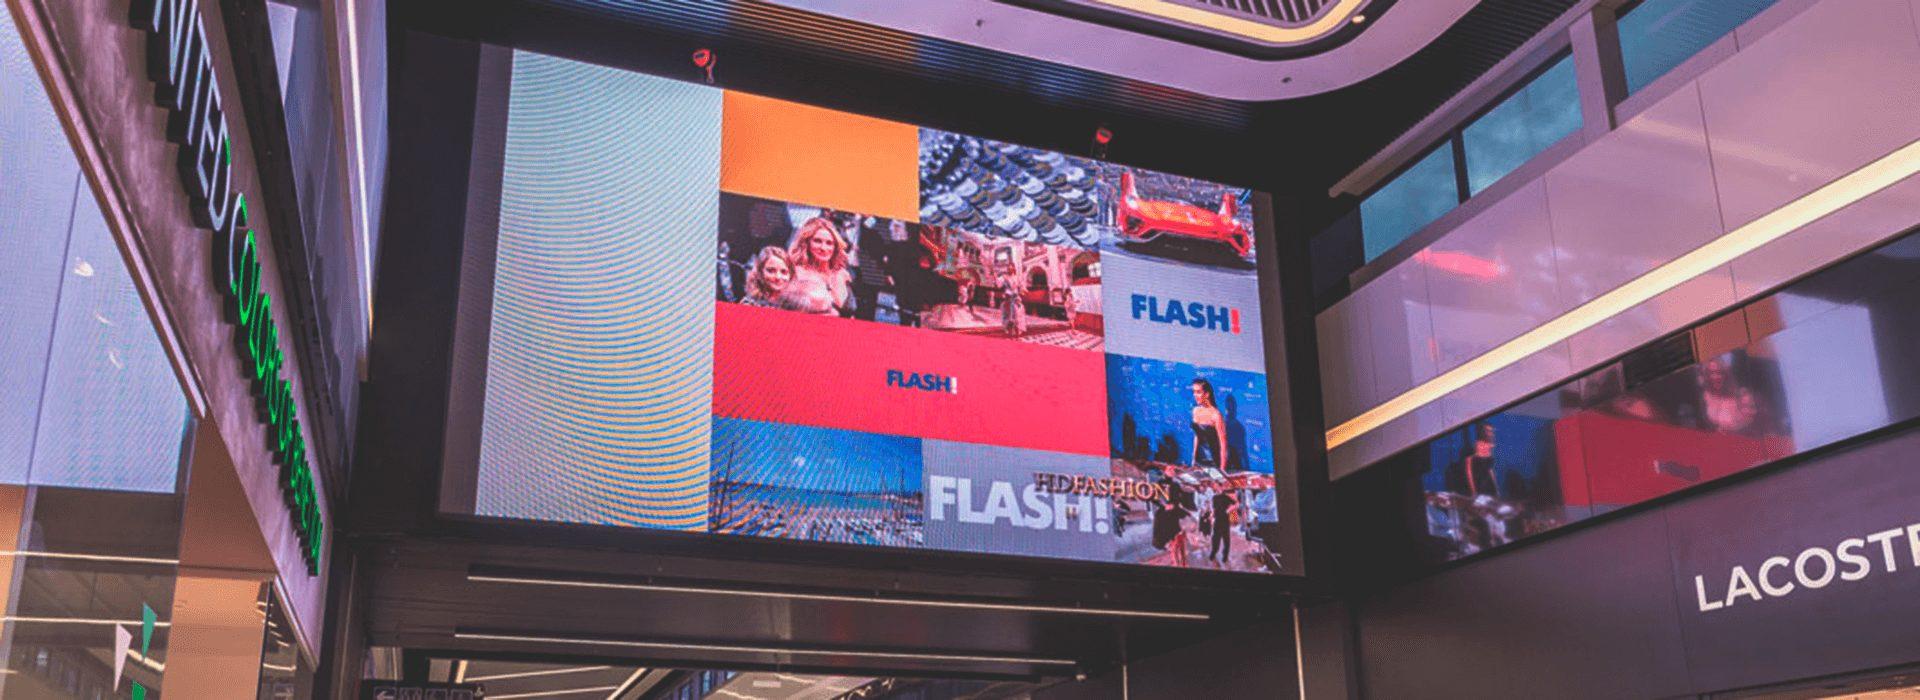 Размещение рекламы в бизнесцентрах на видеоэкранах